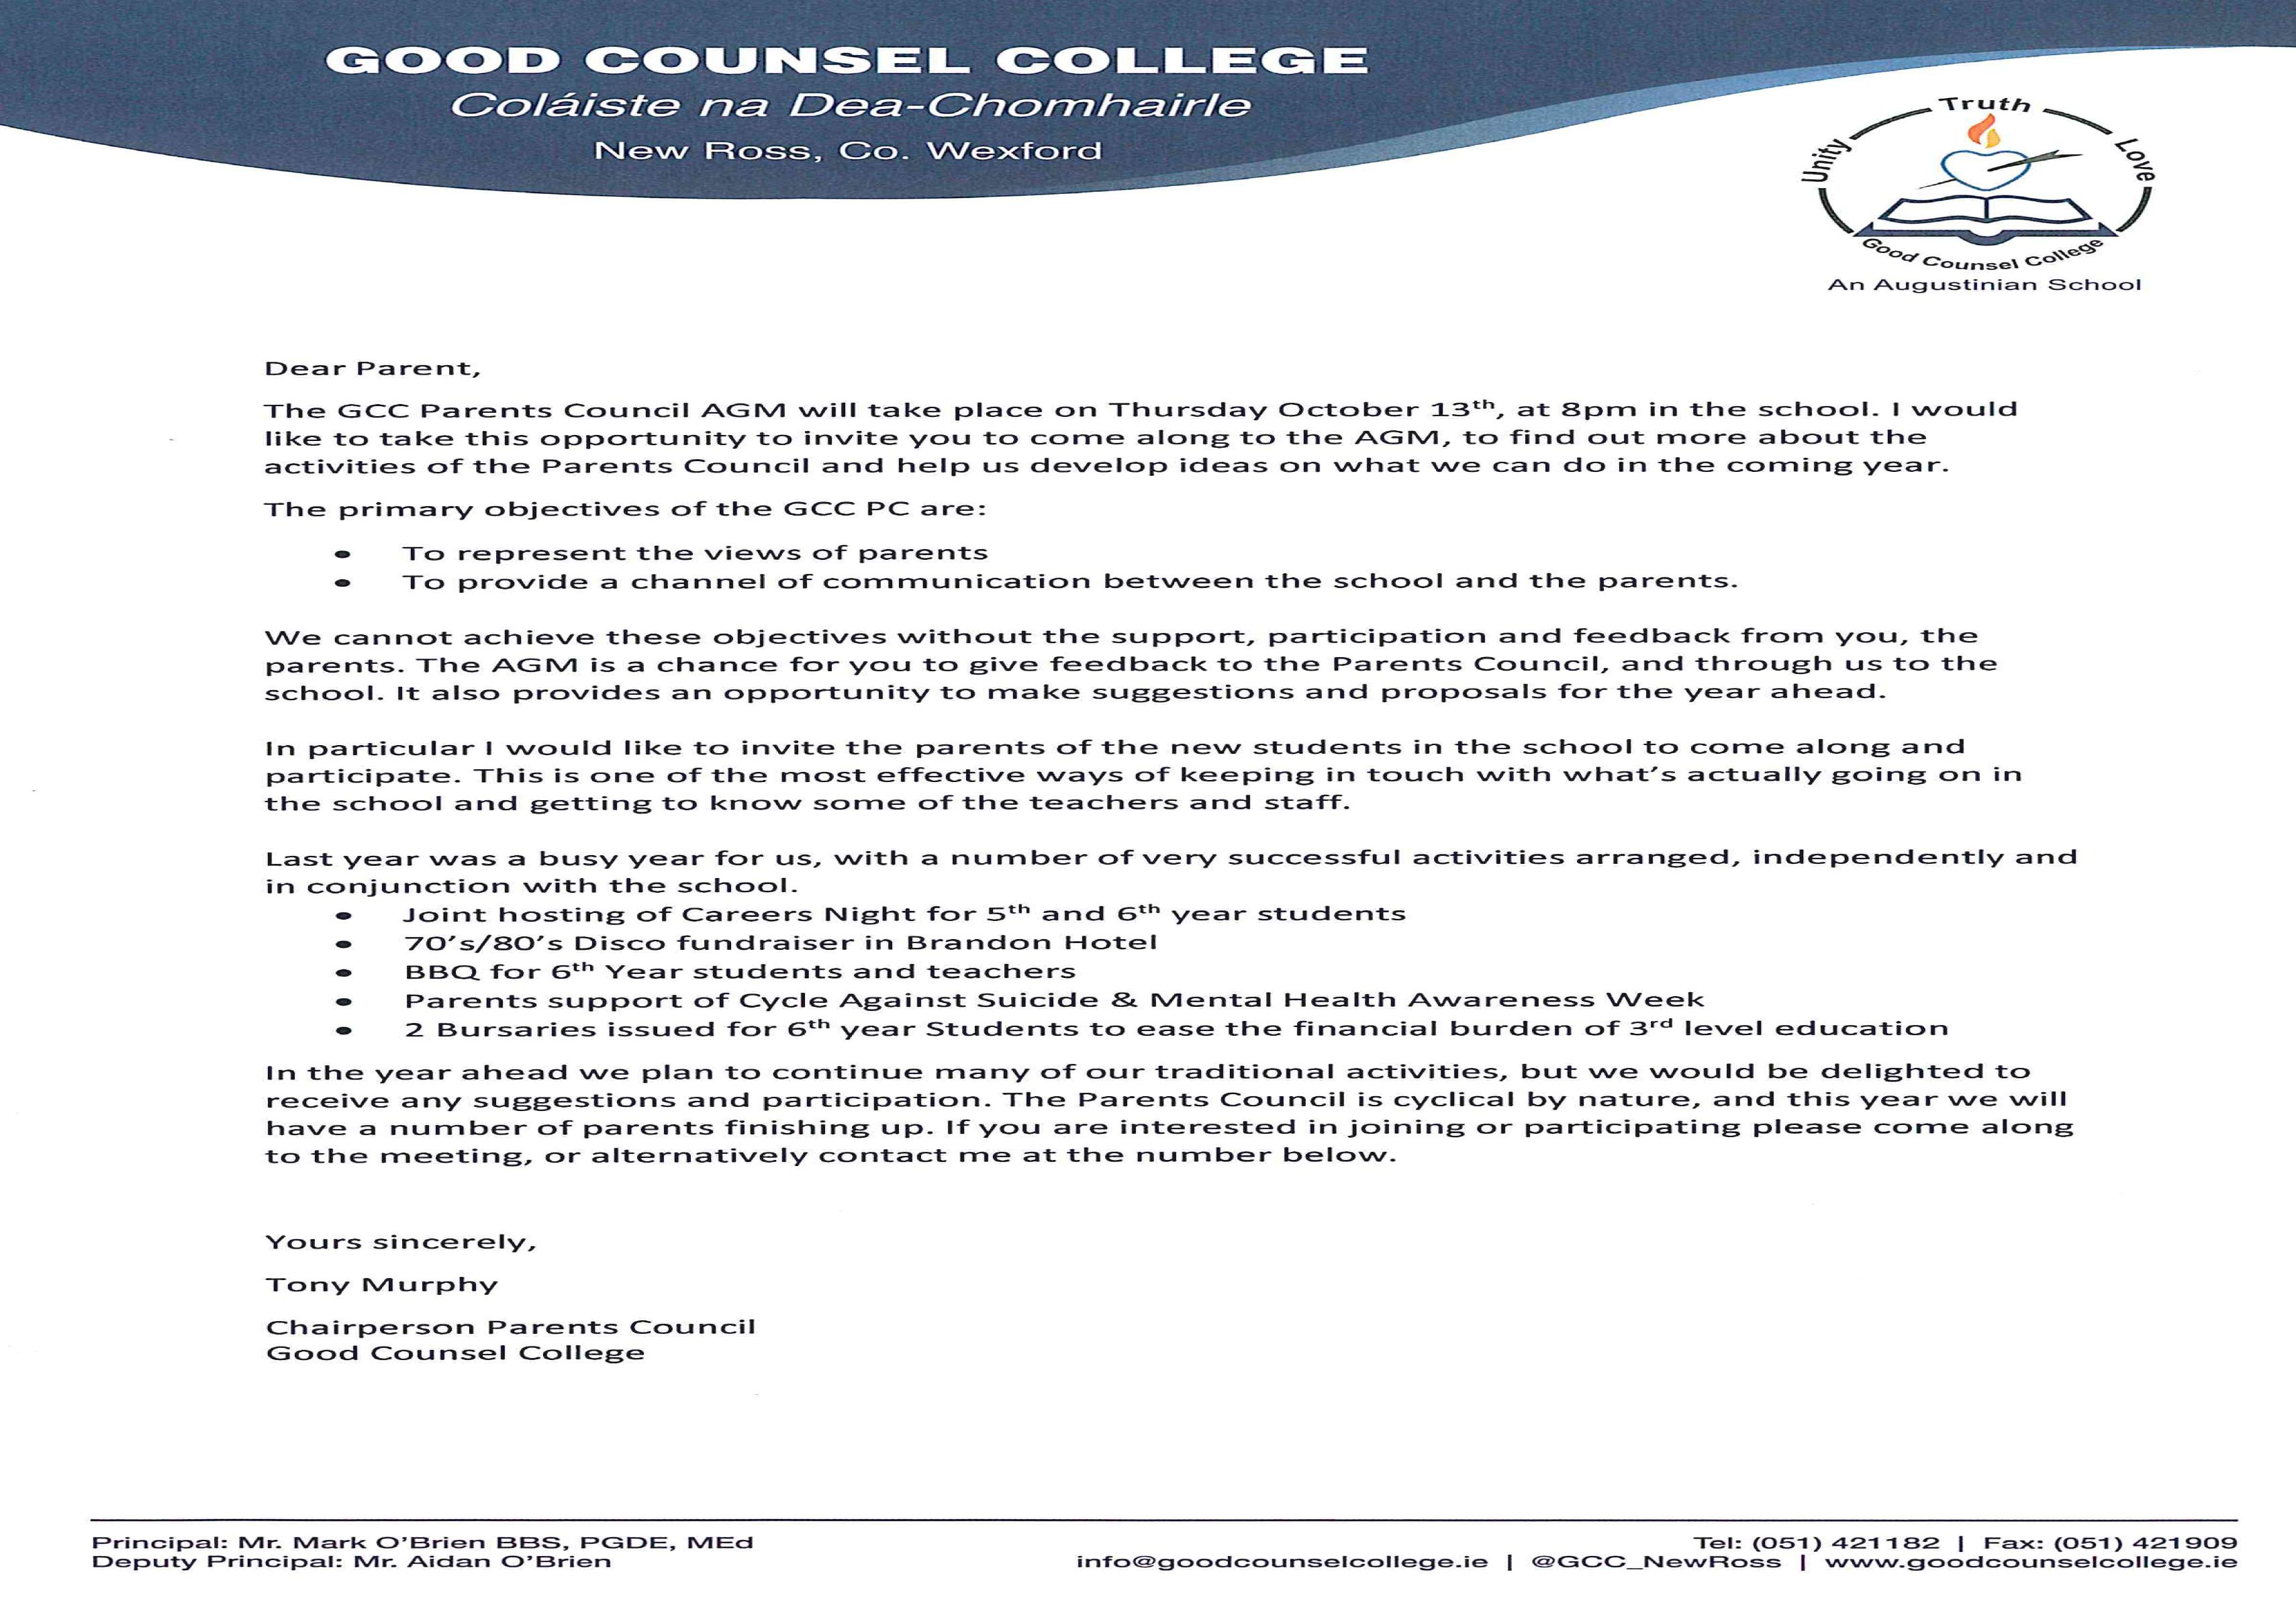 parents-council-letter